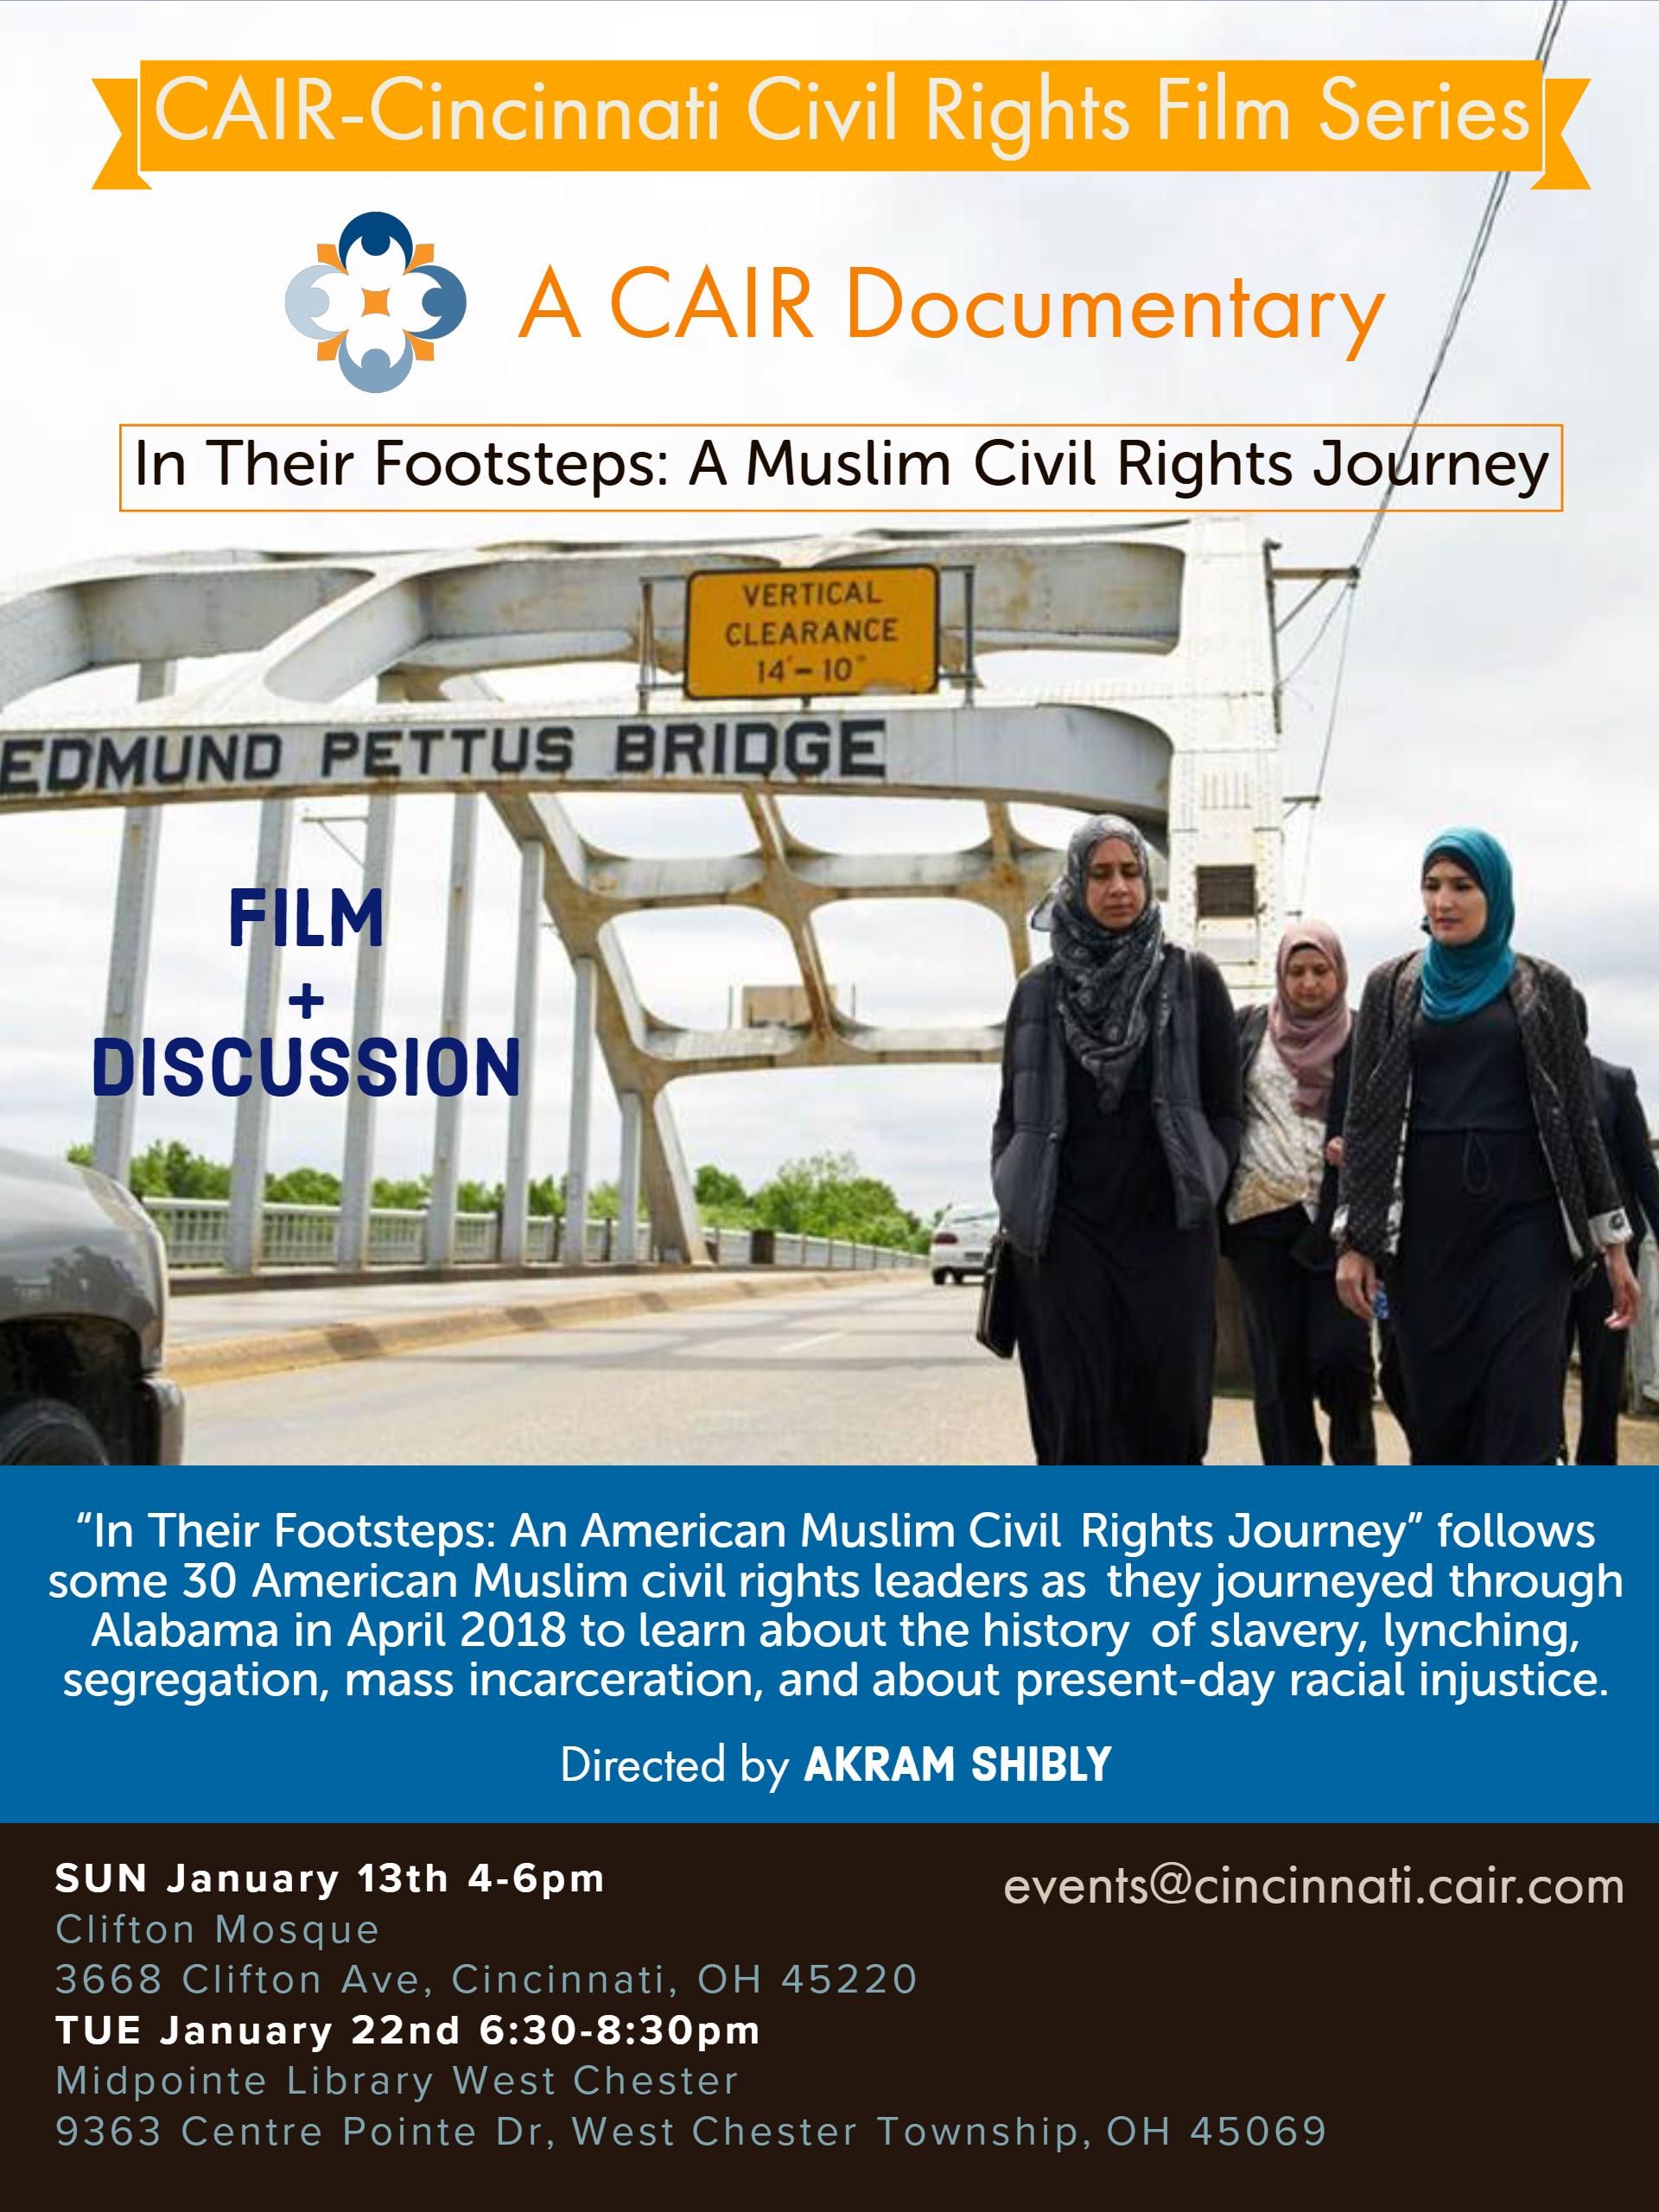 January film flyer3.jpg